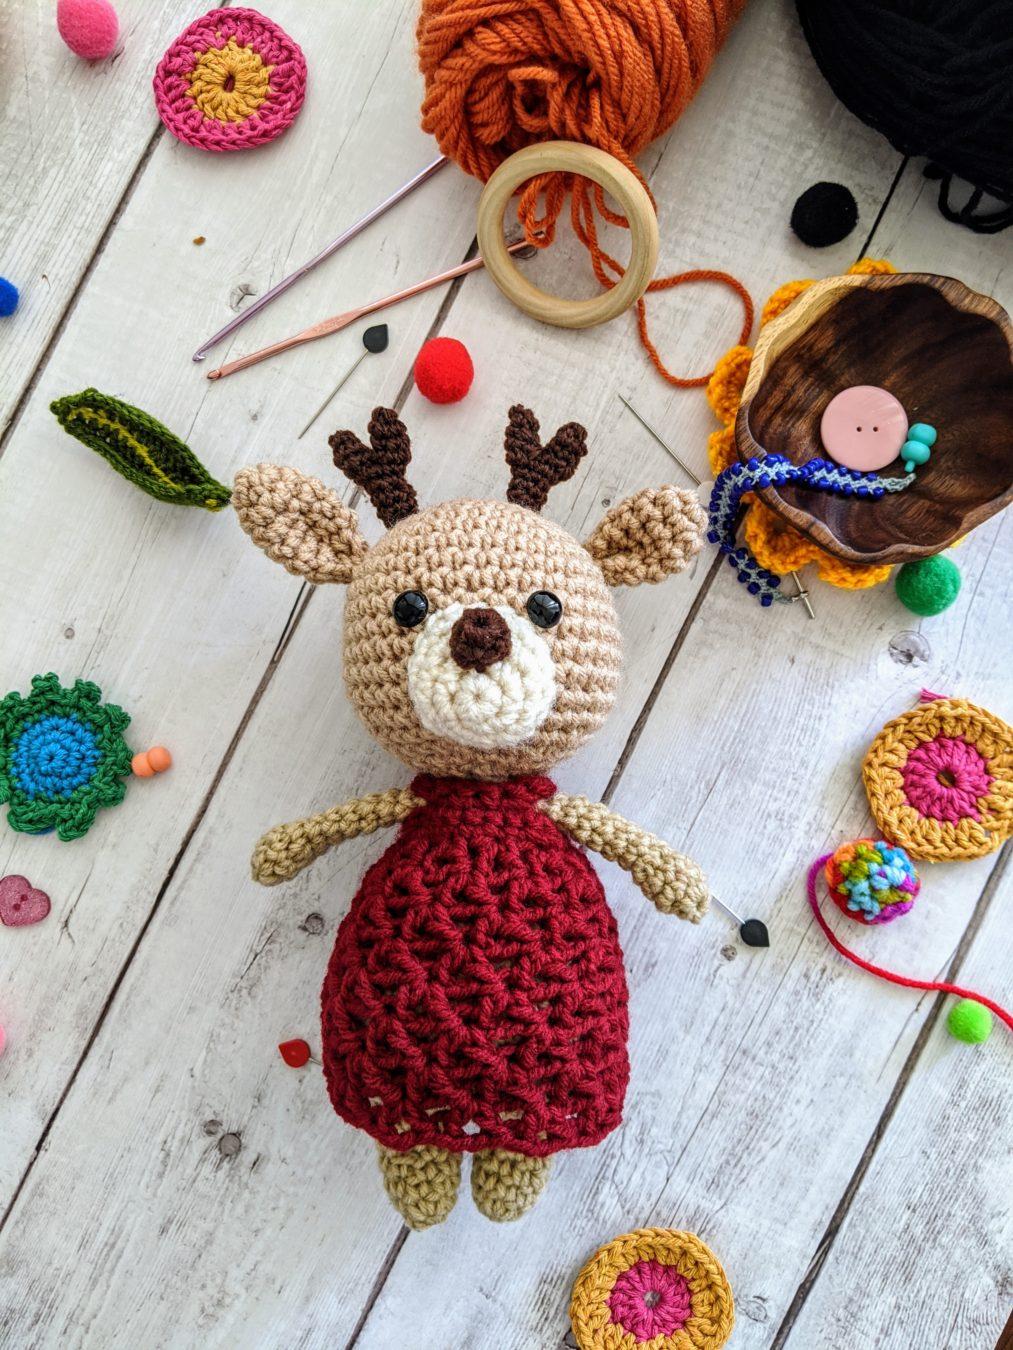 Crochet Baby Bee Free Pattern from Red Heart Yarns | Crochet bee ... | 1350x1013